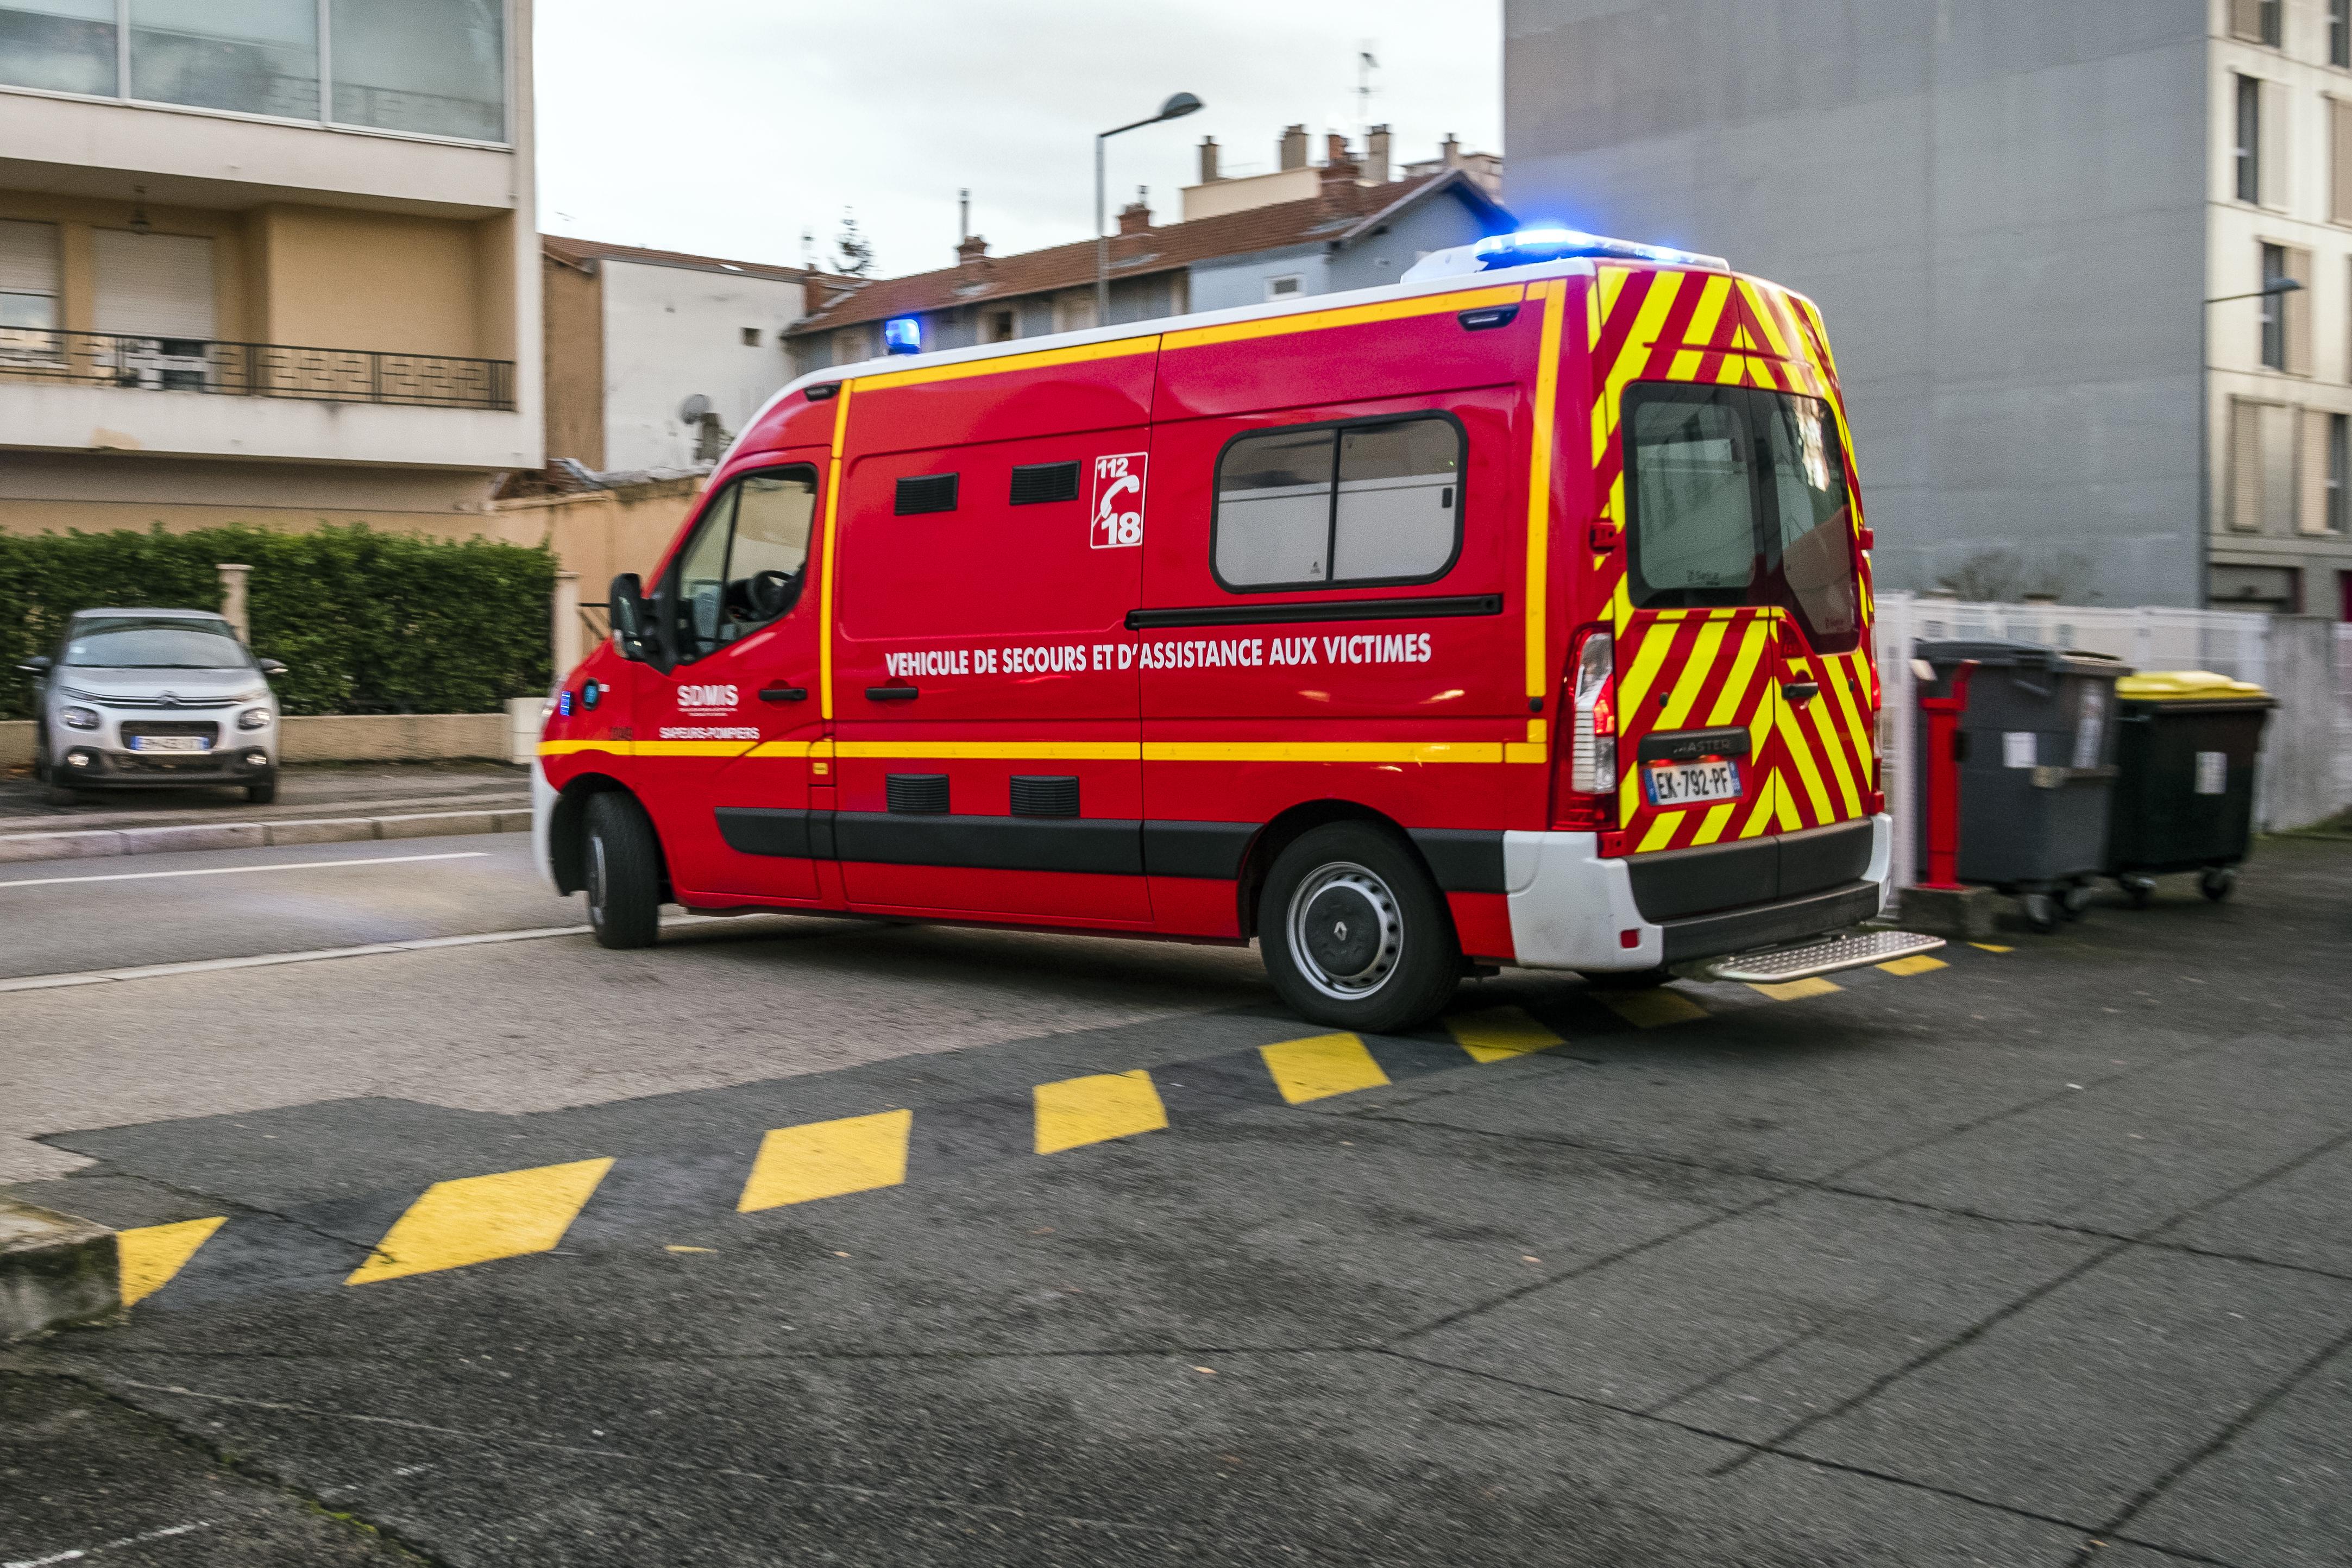 Lyon : à 22 ans, il meurt renversé dans le centre, le conducteur en fuite